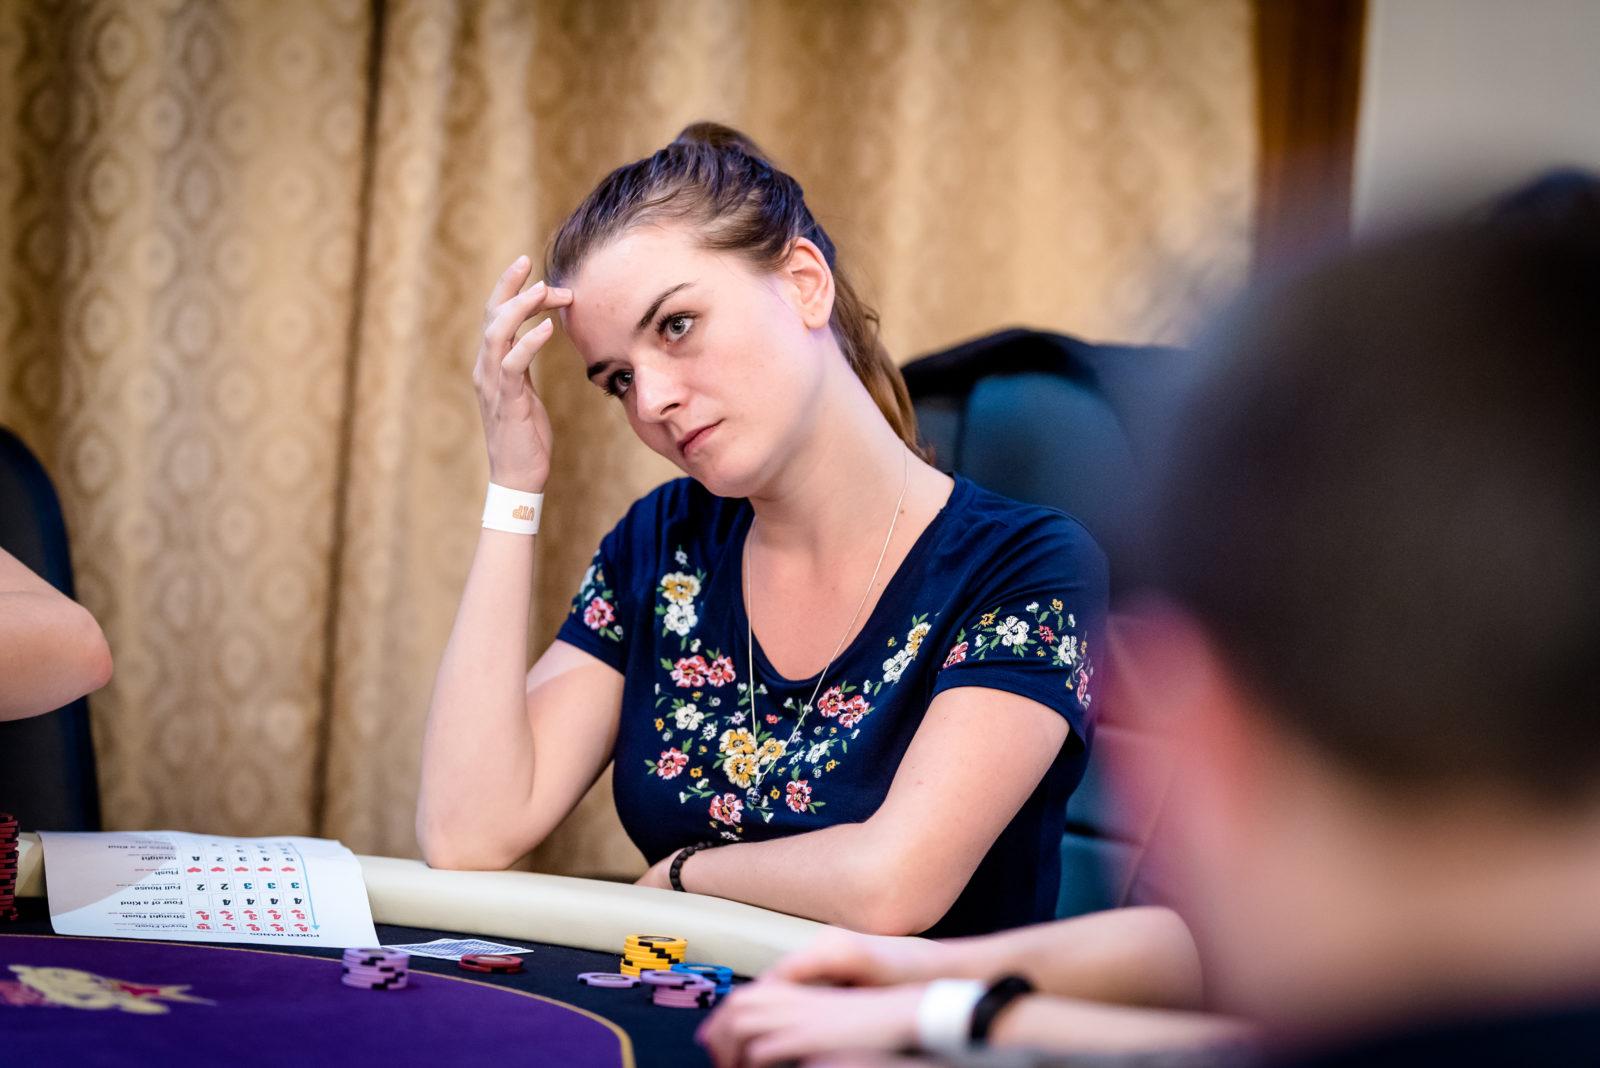 Poker je hlavne zabava ale nekdy je potreba se poradne zamyslet